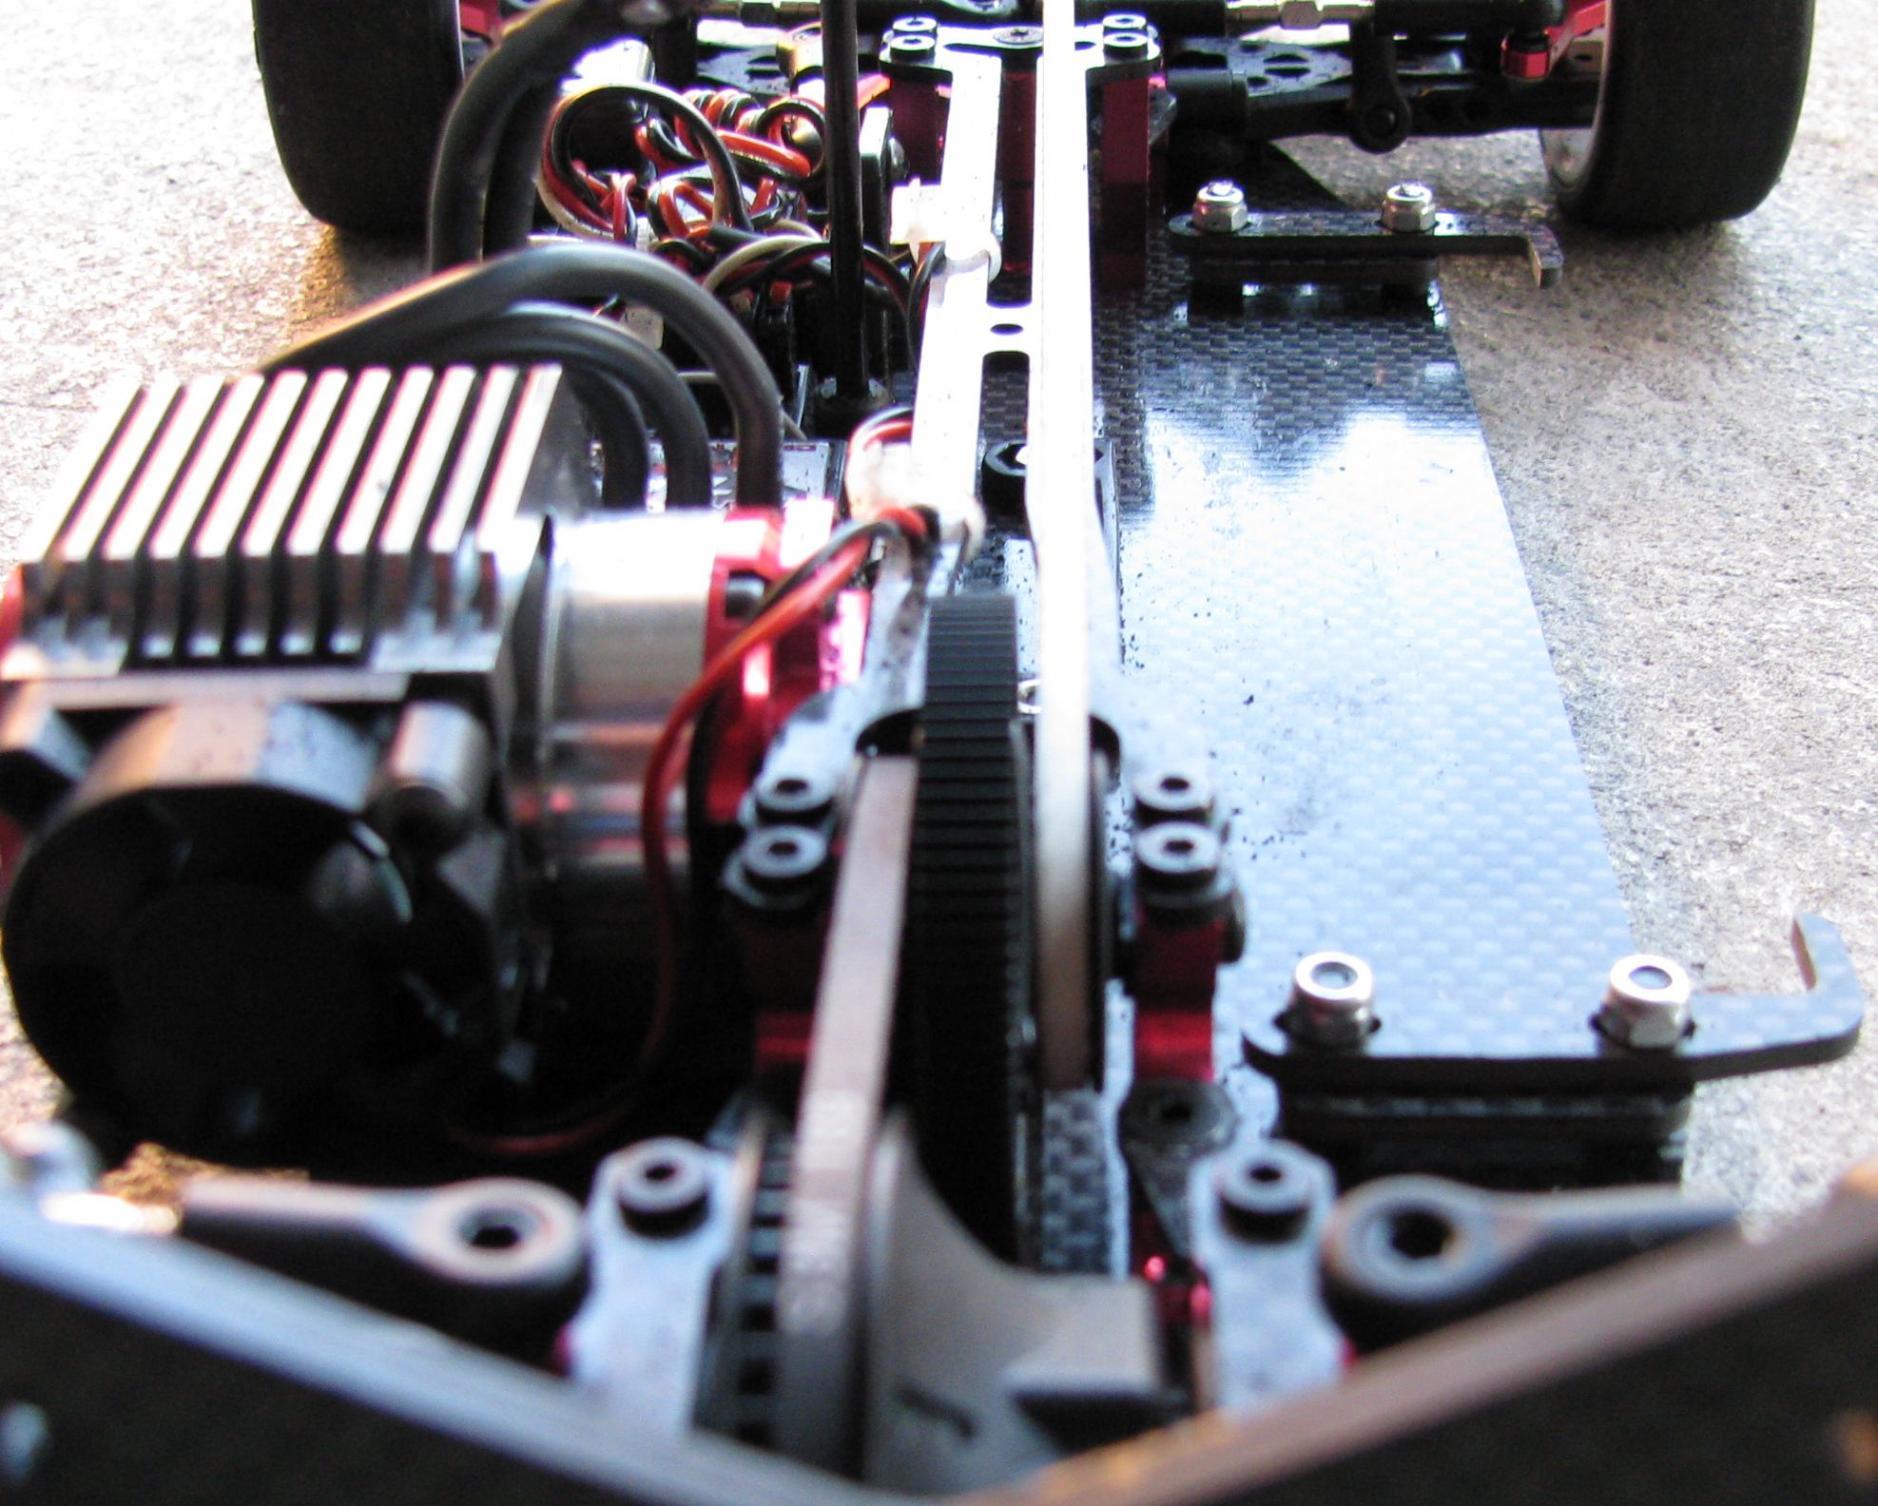 767450d1308067906-t-o-p-racing-photon-1-10-ep-touring-car-img_0176.jpg